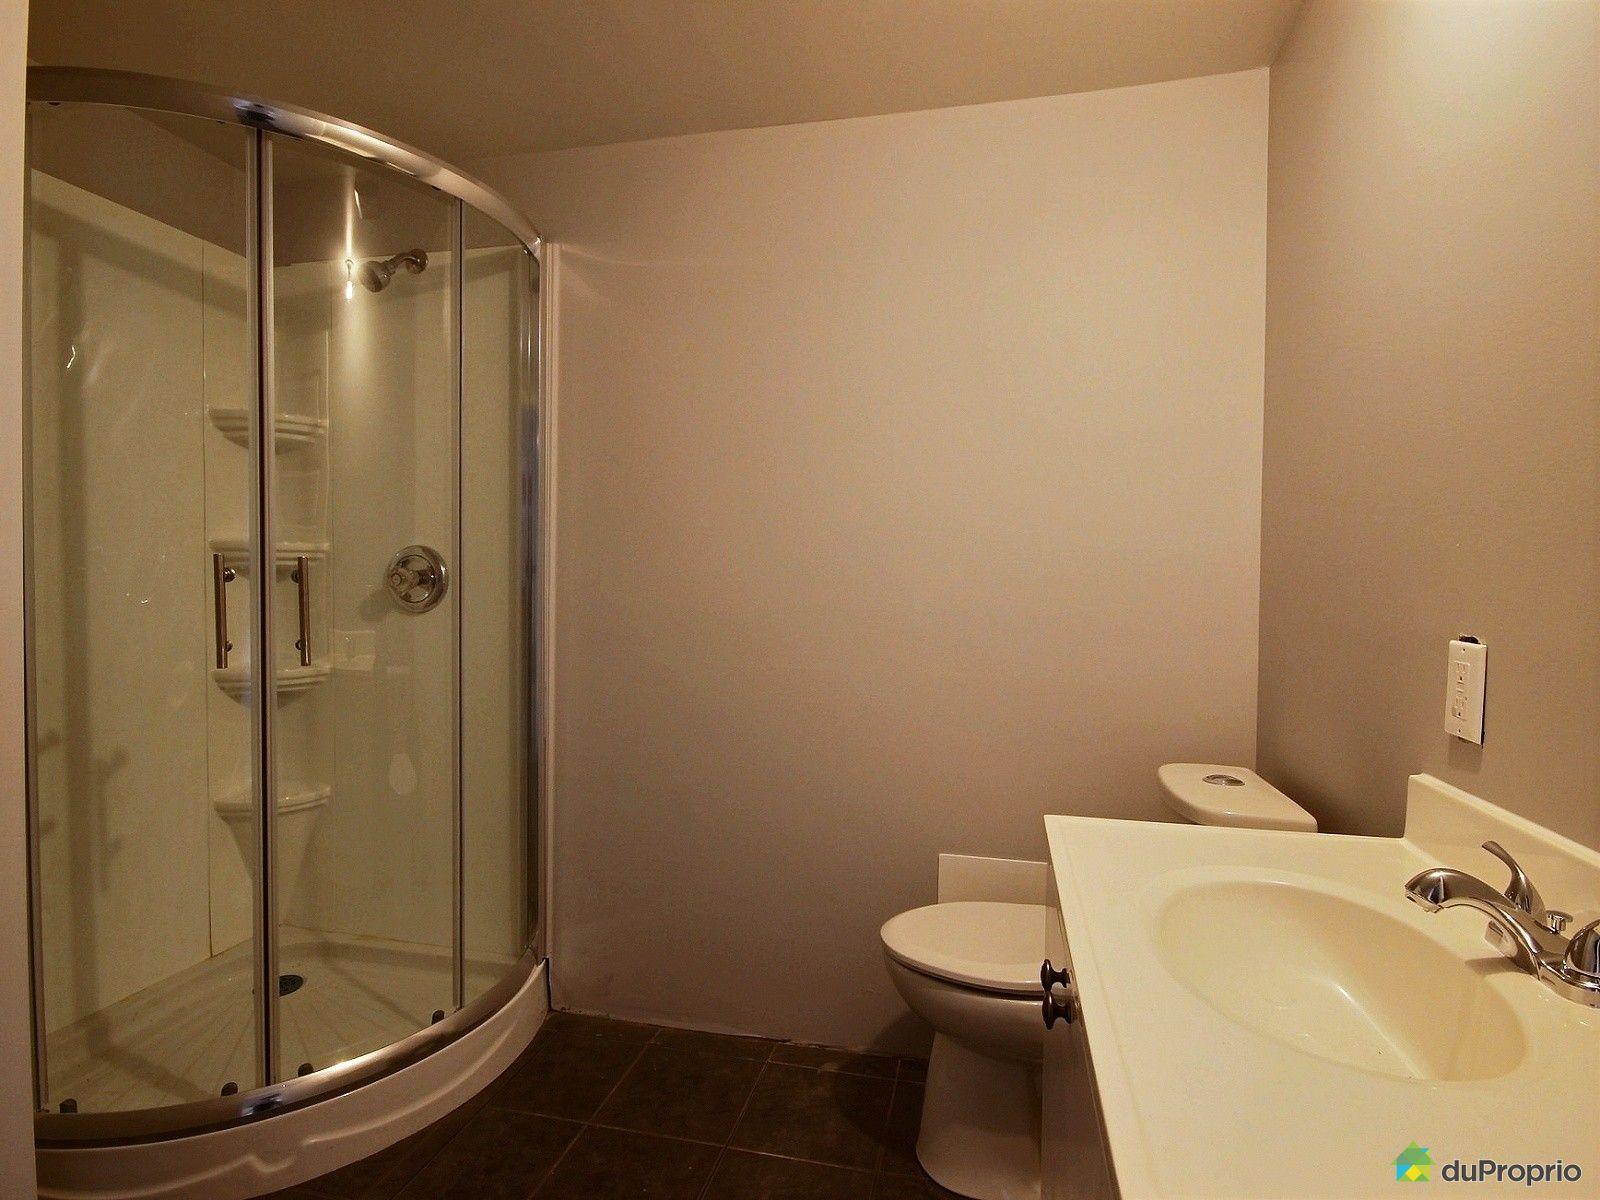 Maison vendu st j r me immobilier qu bec duproprio 515639 for Accessoire salle de bain st jerome